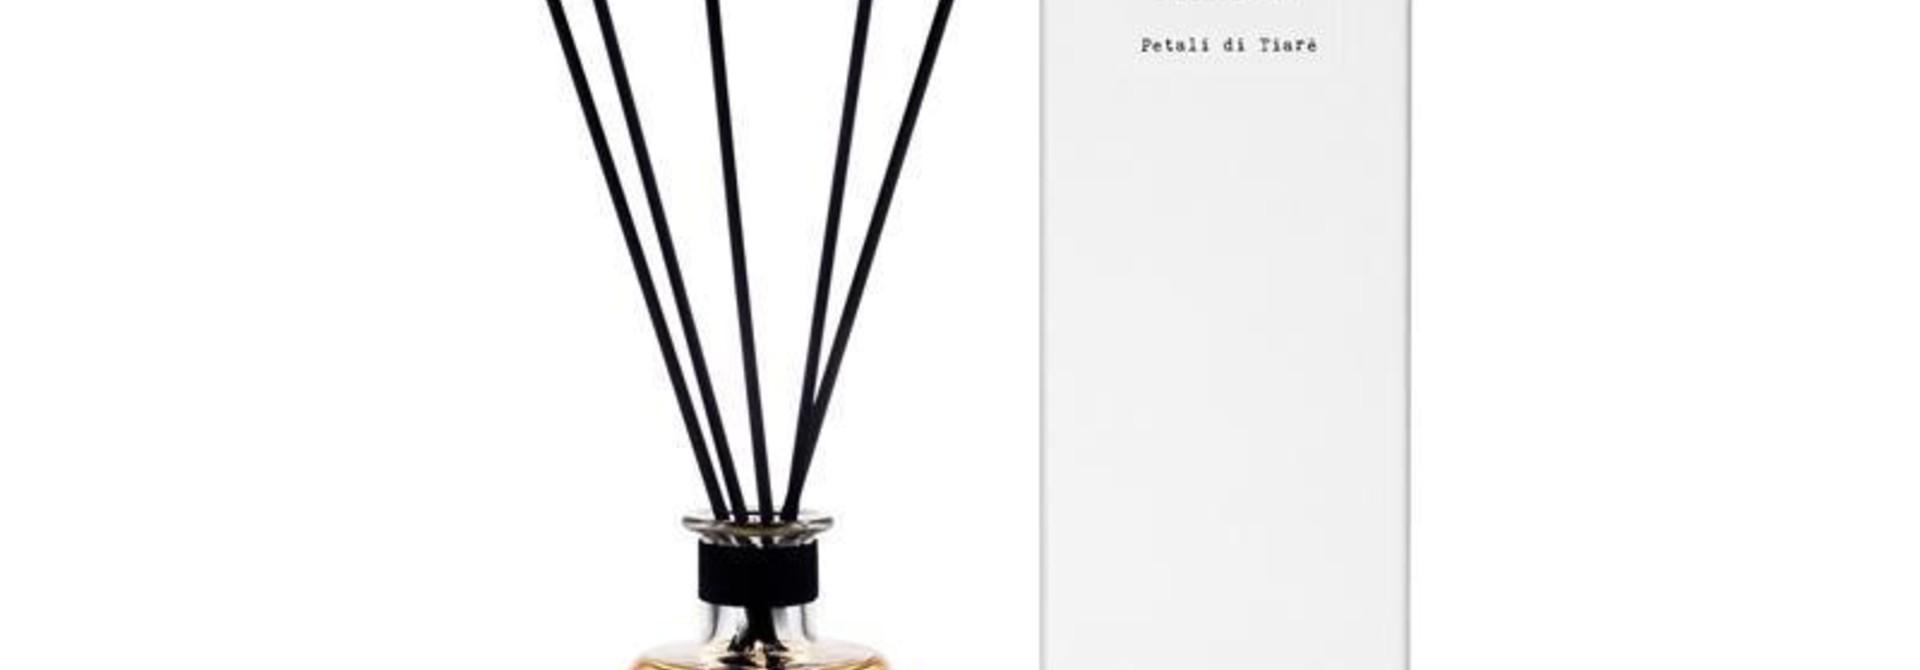 Petali di Tiaré - 200ml Fragrance Diffuser